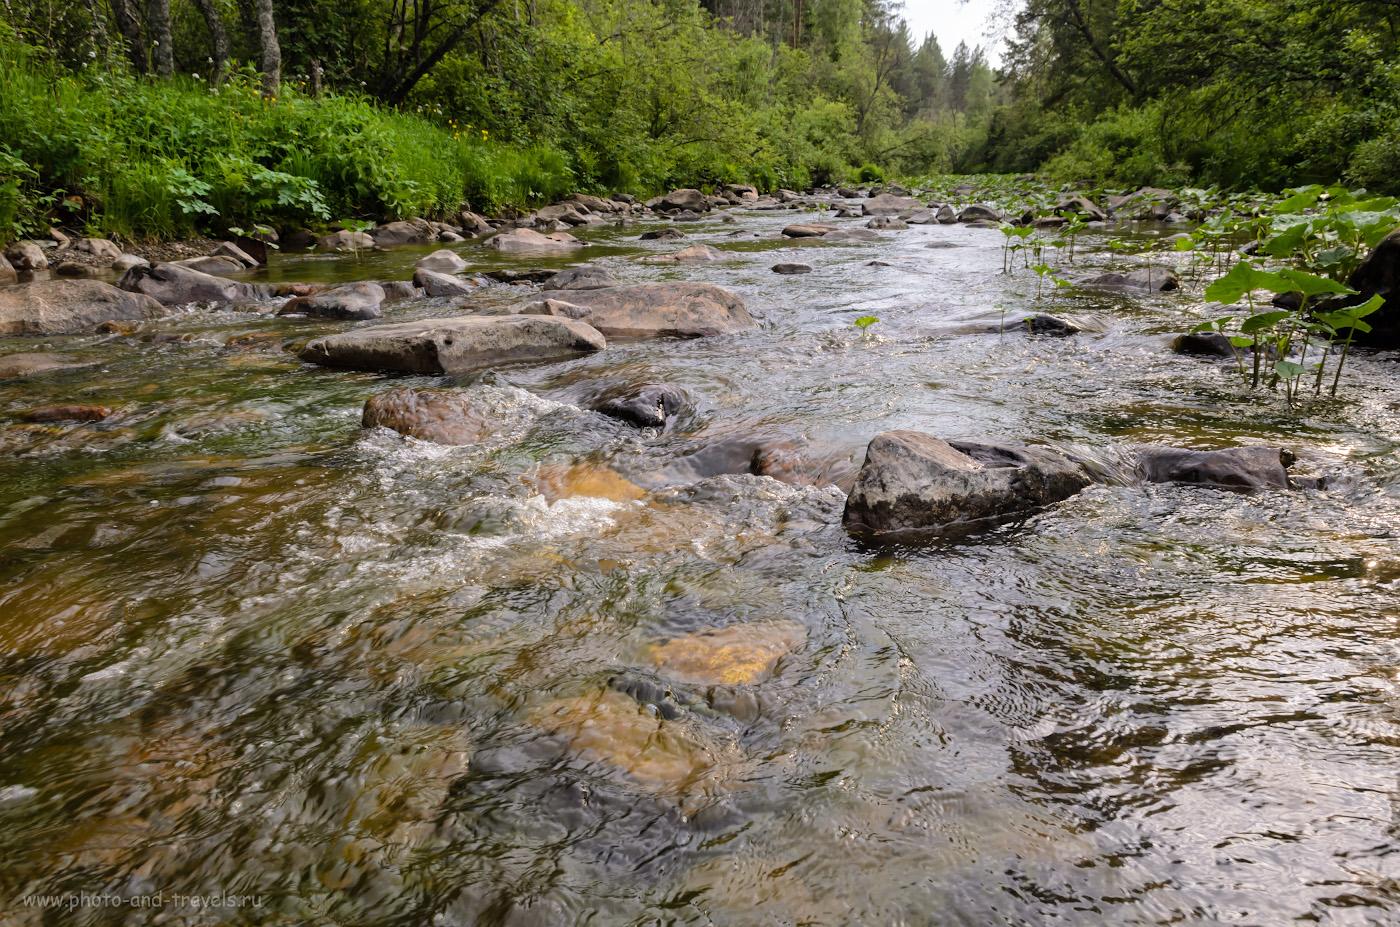 Фото 27. Горная река Нура. Какие красивые места можно посетить в Башкирии во время автомобильного путешествия по республике. 1/125, 10.0, 400, 17.